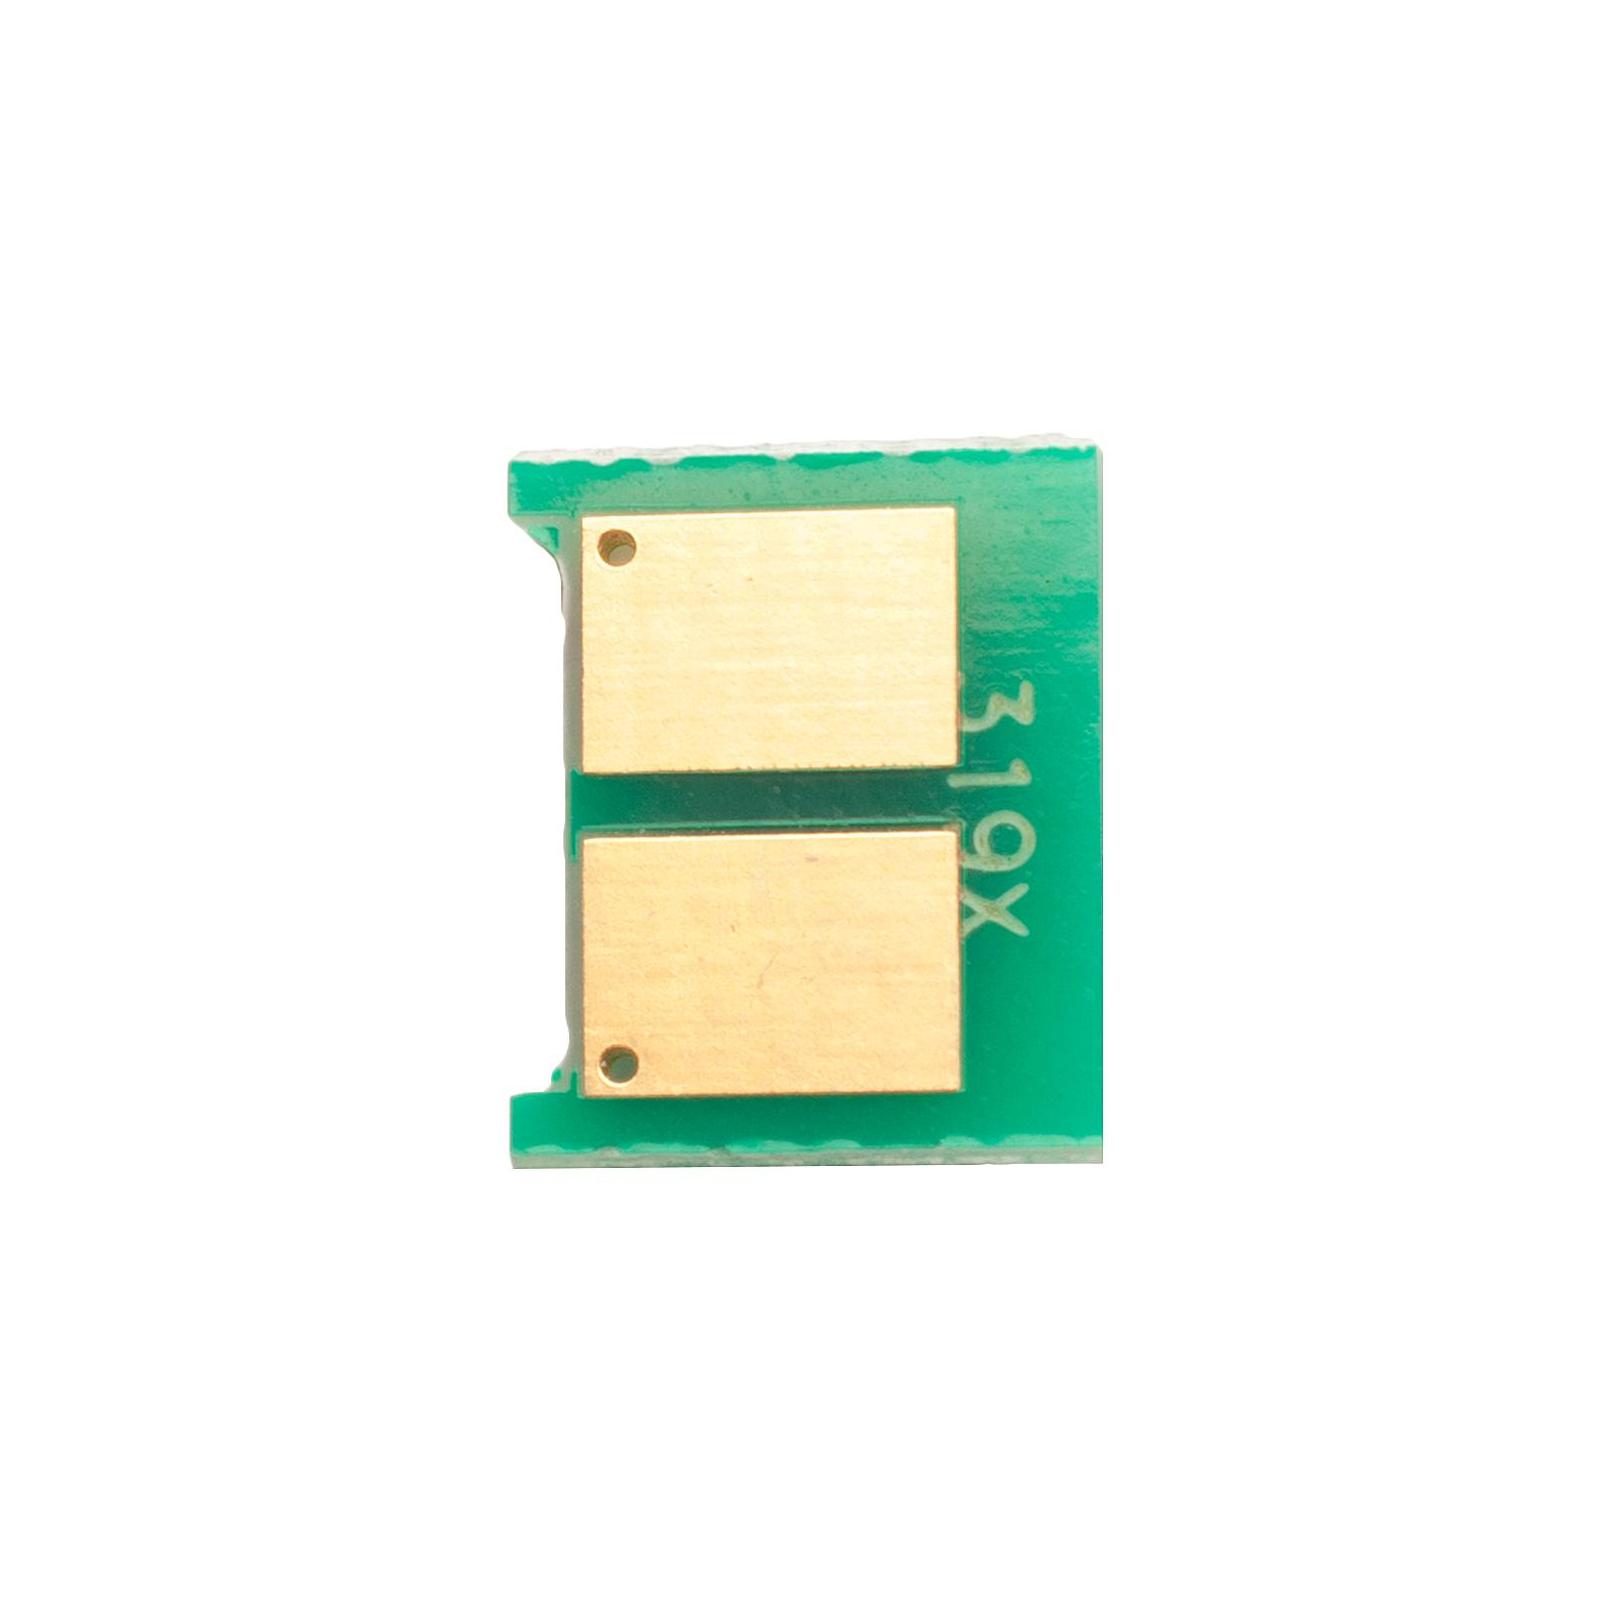 Чип для картриджа CANON 719H 6.4K EVERPRINT (CHIP-CAN-LBP253H) изображение 2